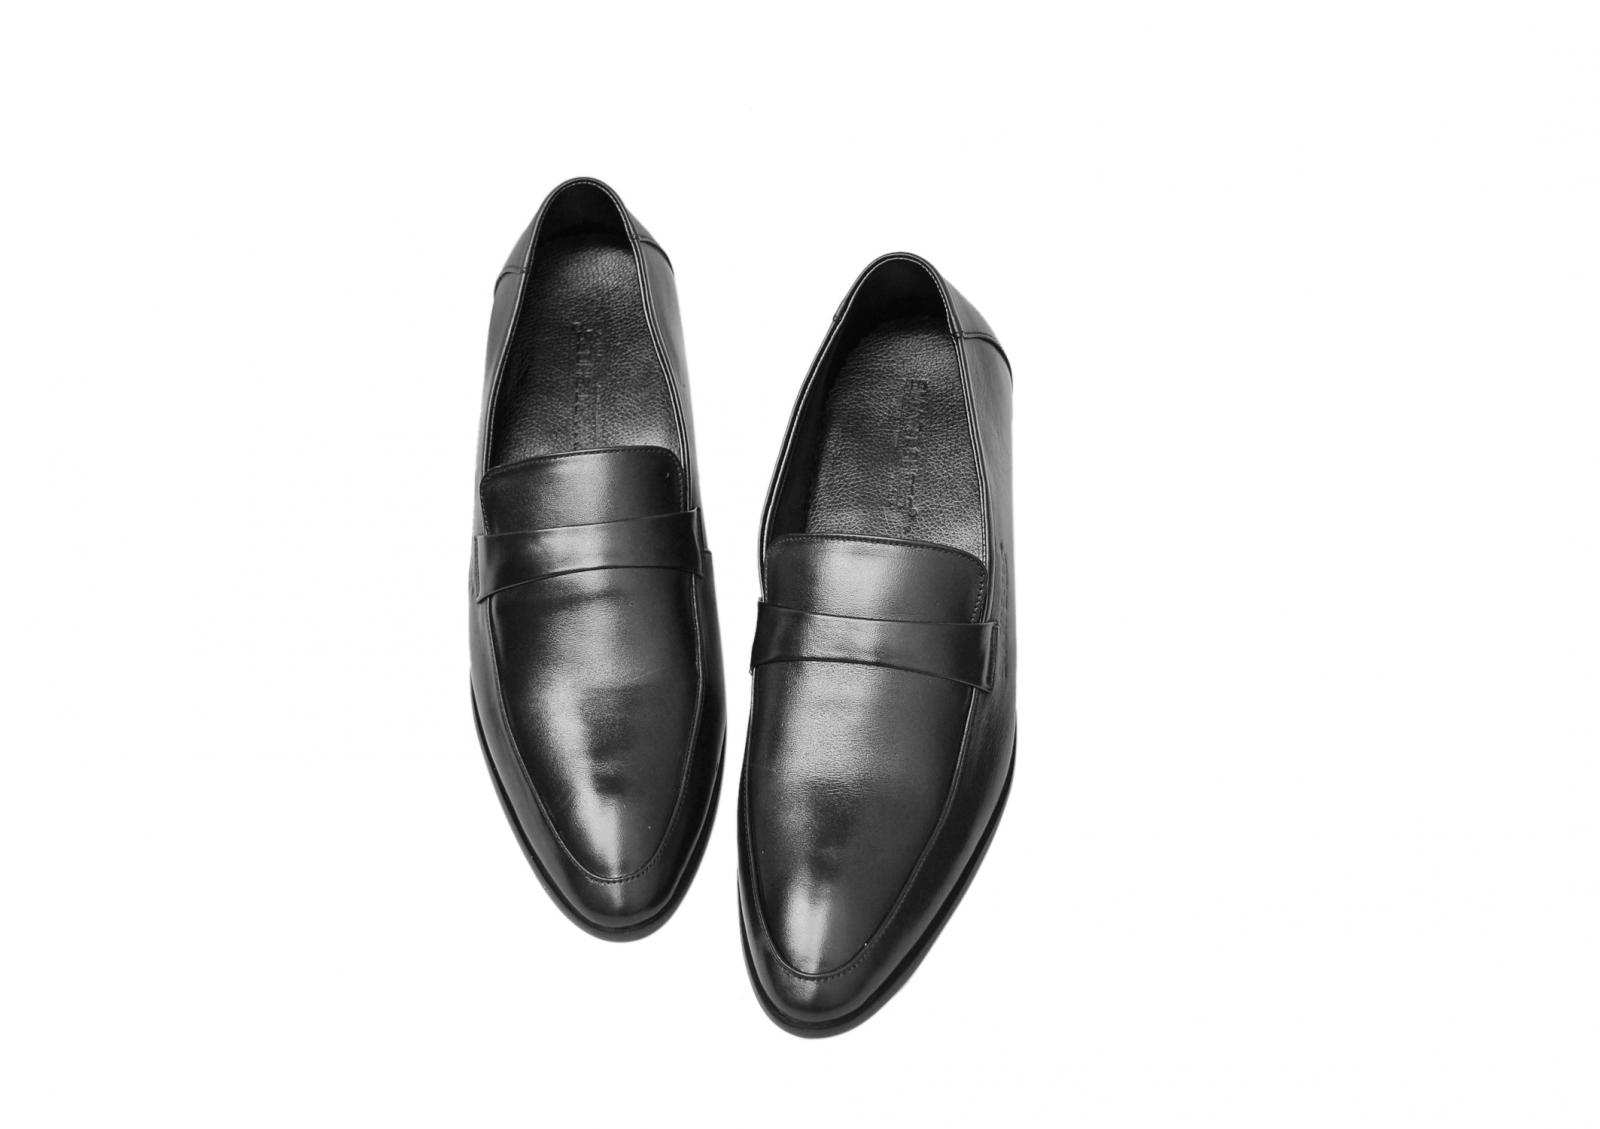 SMART SHOES là thương hiệu giày tăng chiều cao nổi tiếng ITALY